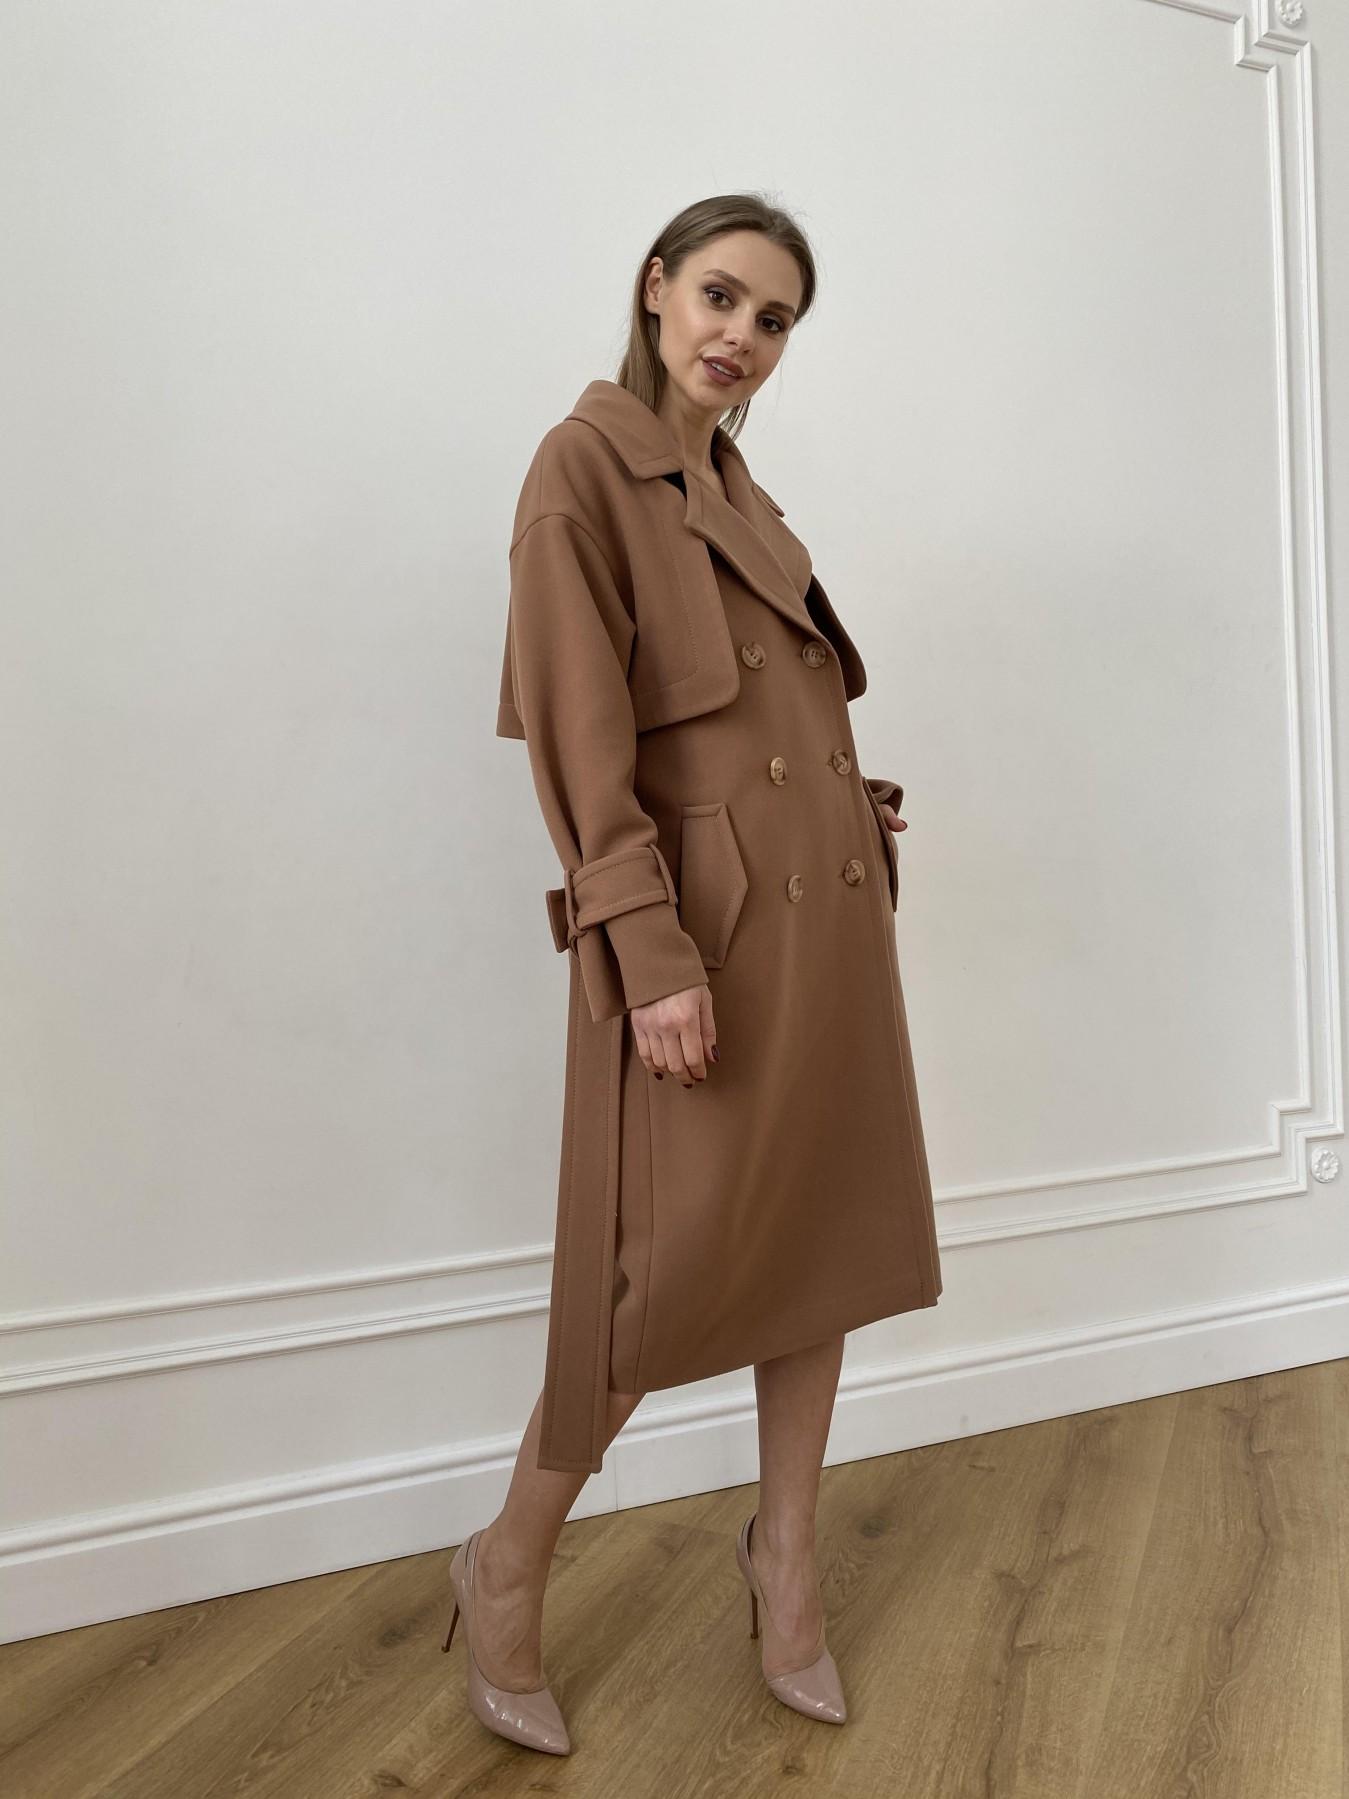 Купить пальто женское демисезонное от Modus Твин макси пальто демисезонное кашемир 10543